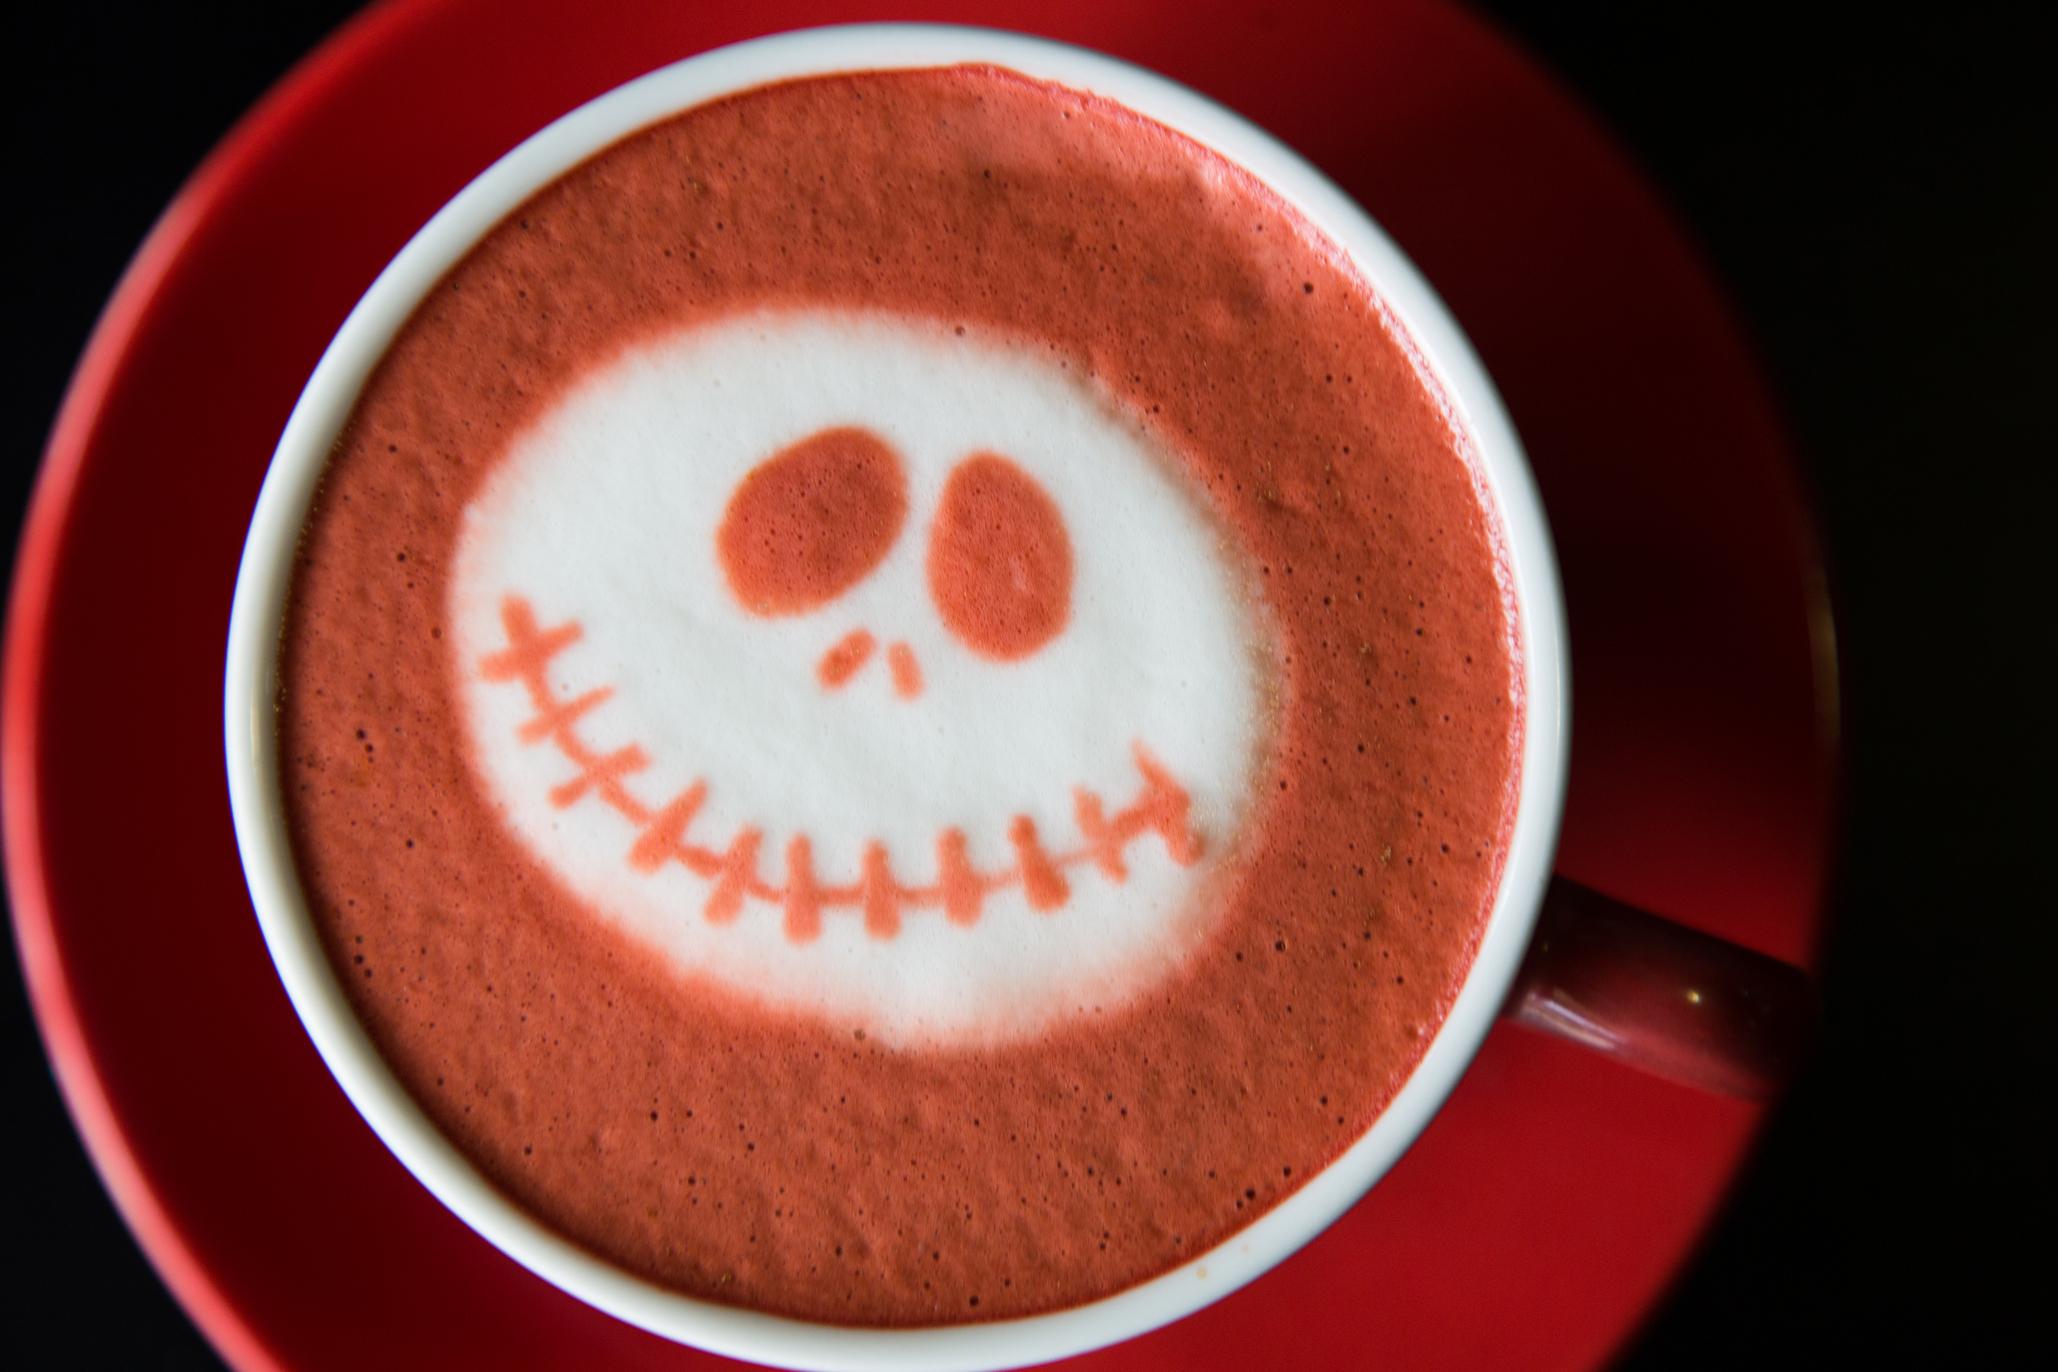 Pócimas de brujas y cafés para Halloween